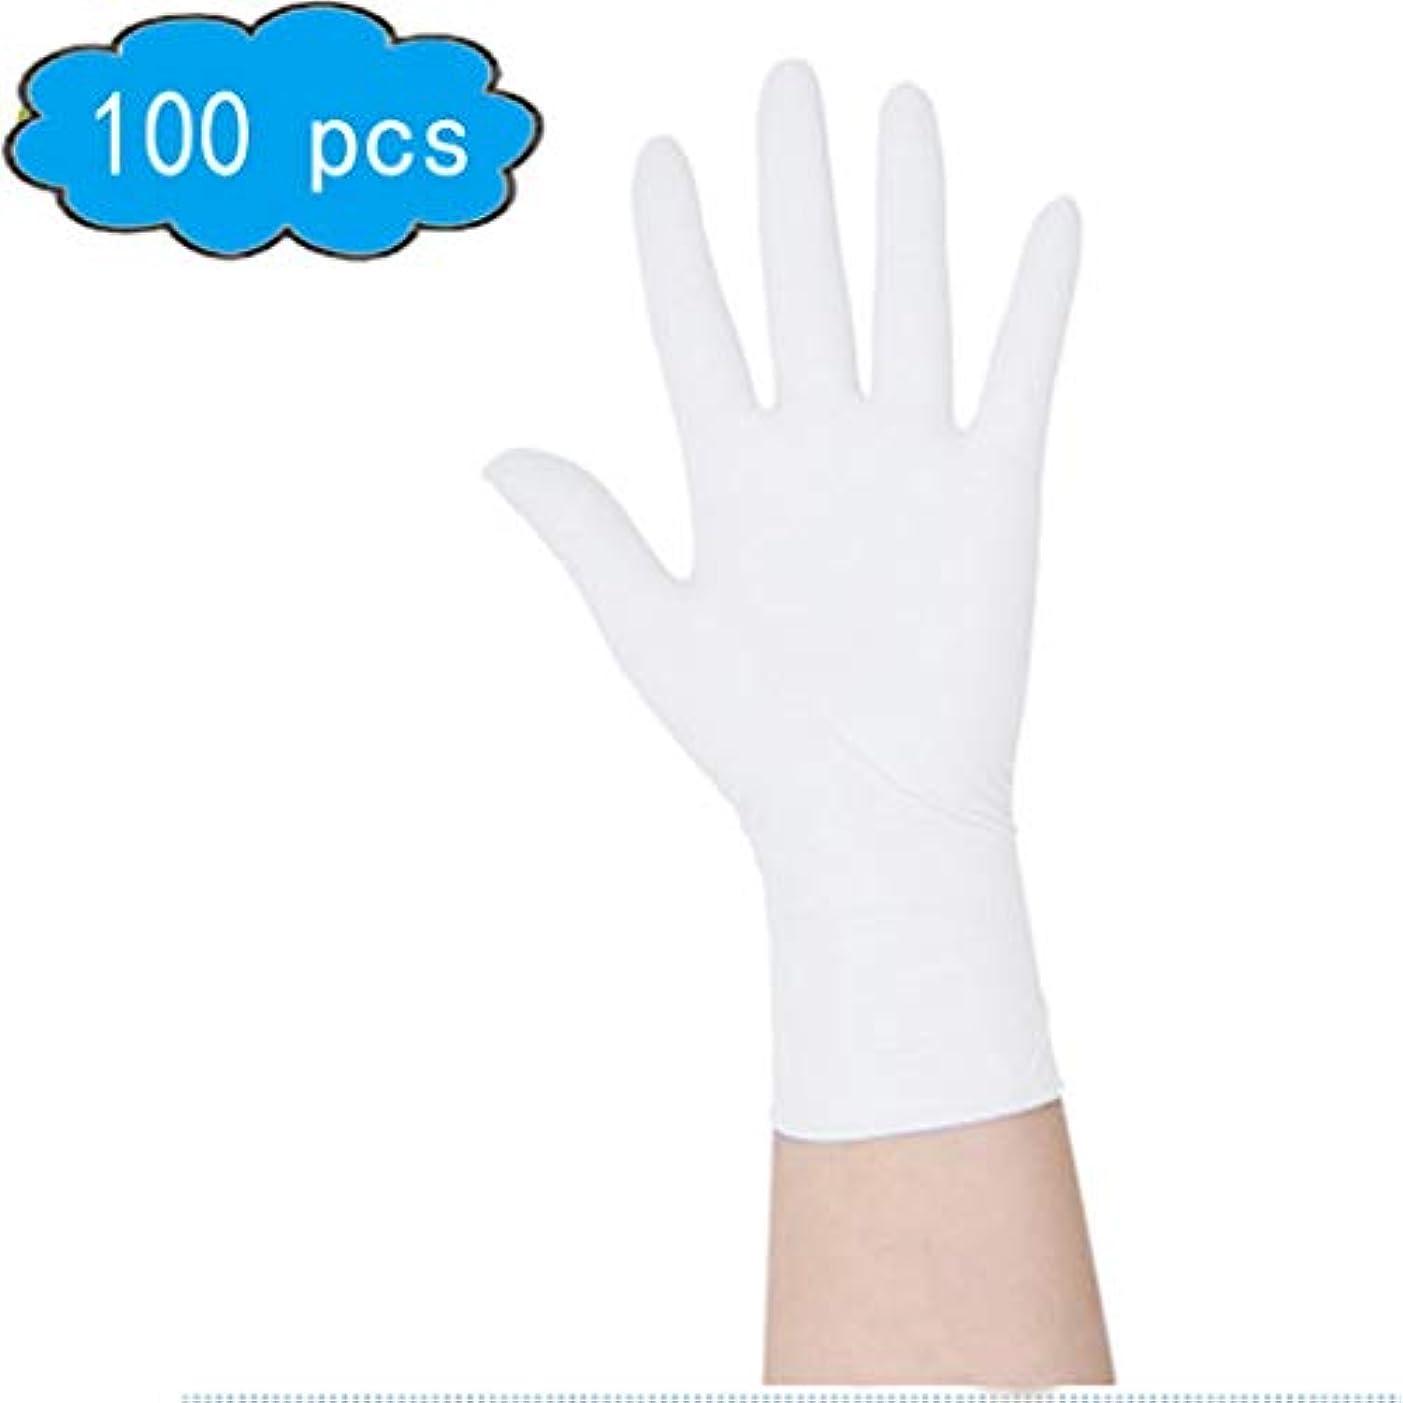 ハンディロードされた足使い捨てラテックス検査用手袋、使い捨て、使えるフリーサイズニトリルクリーニンググローブ(100カウント) (Color : White, Size : L)